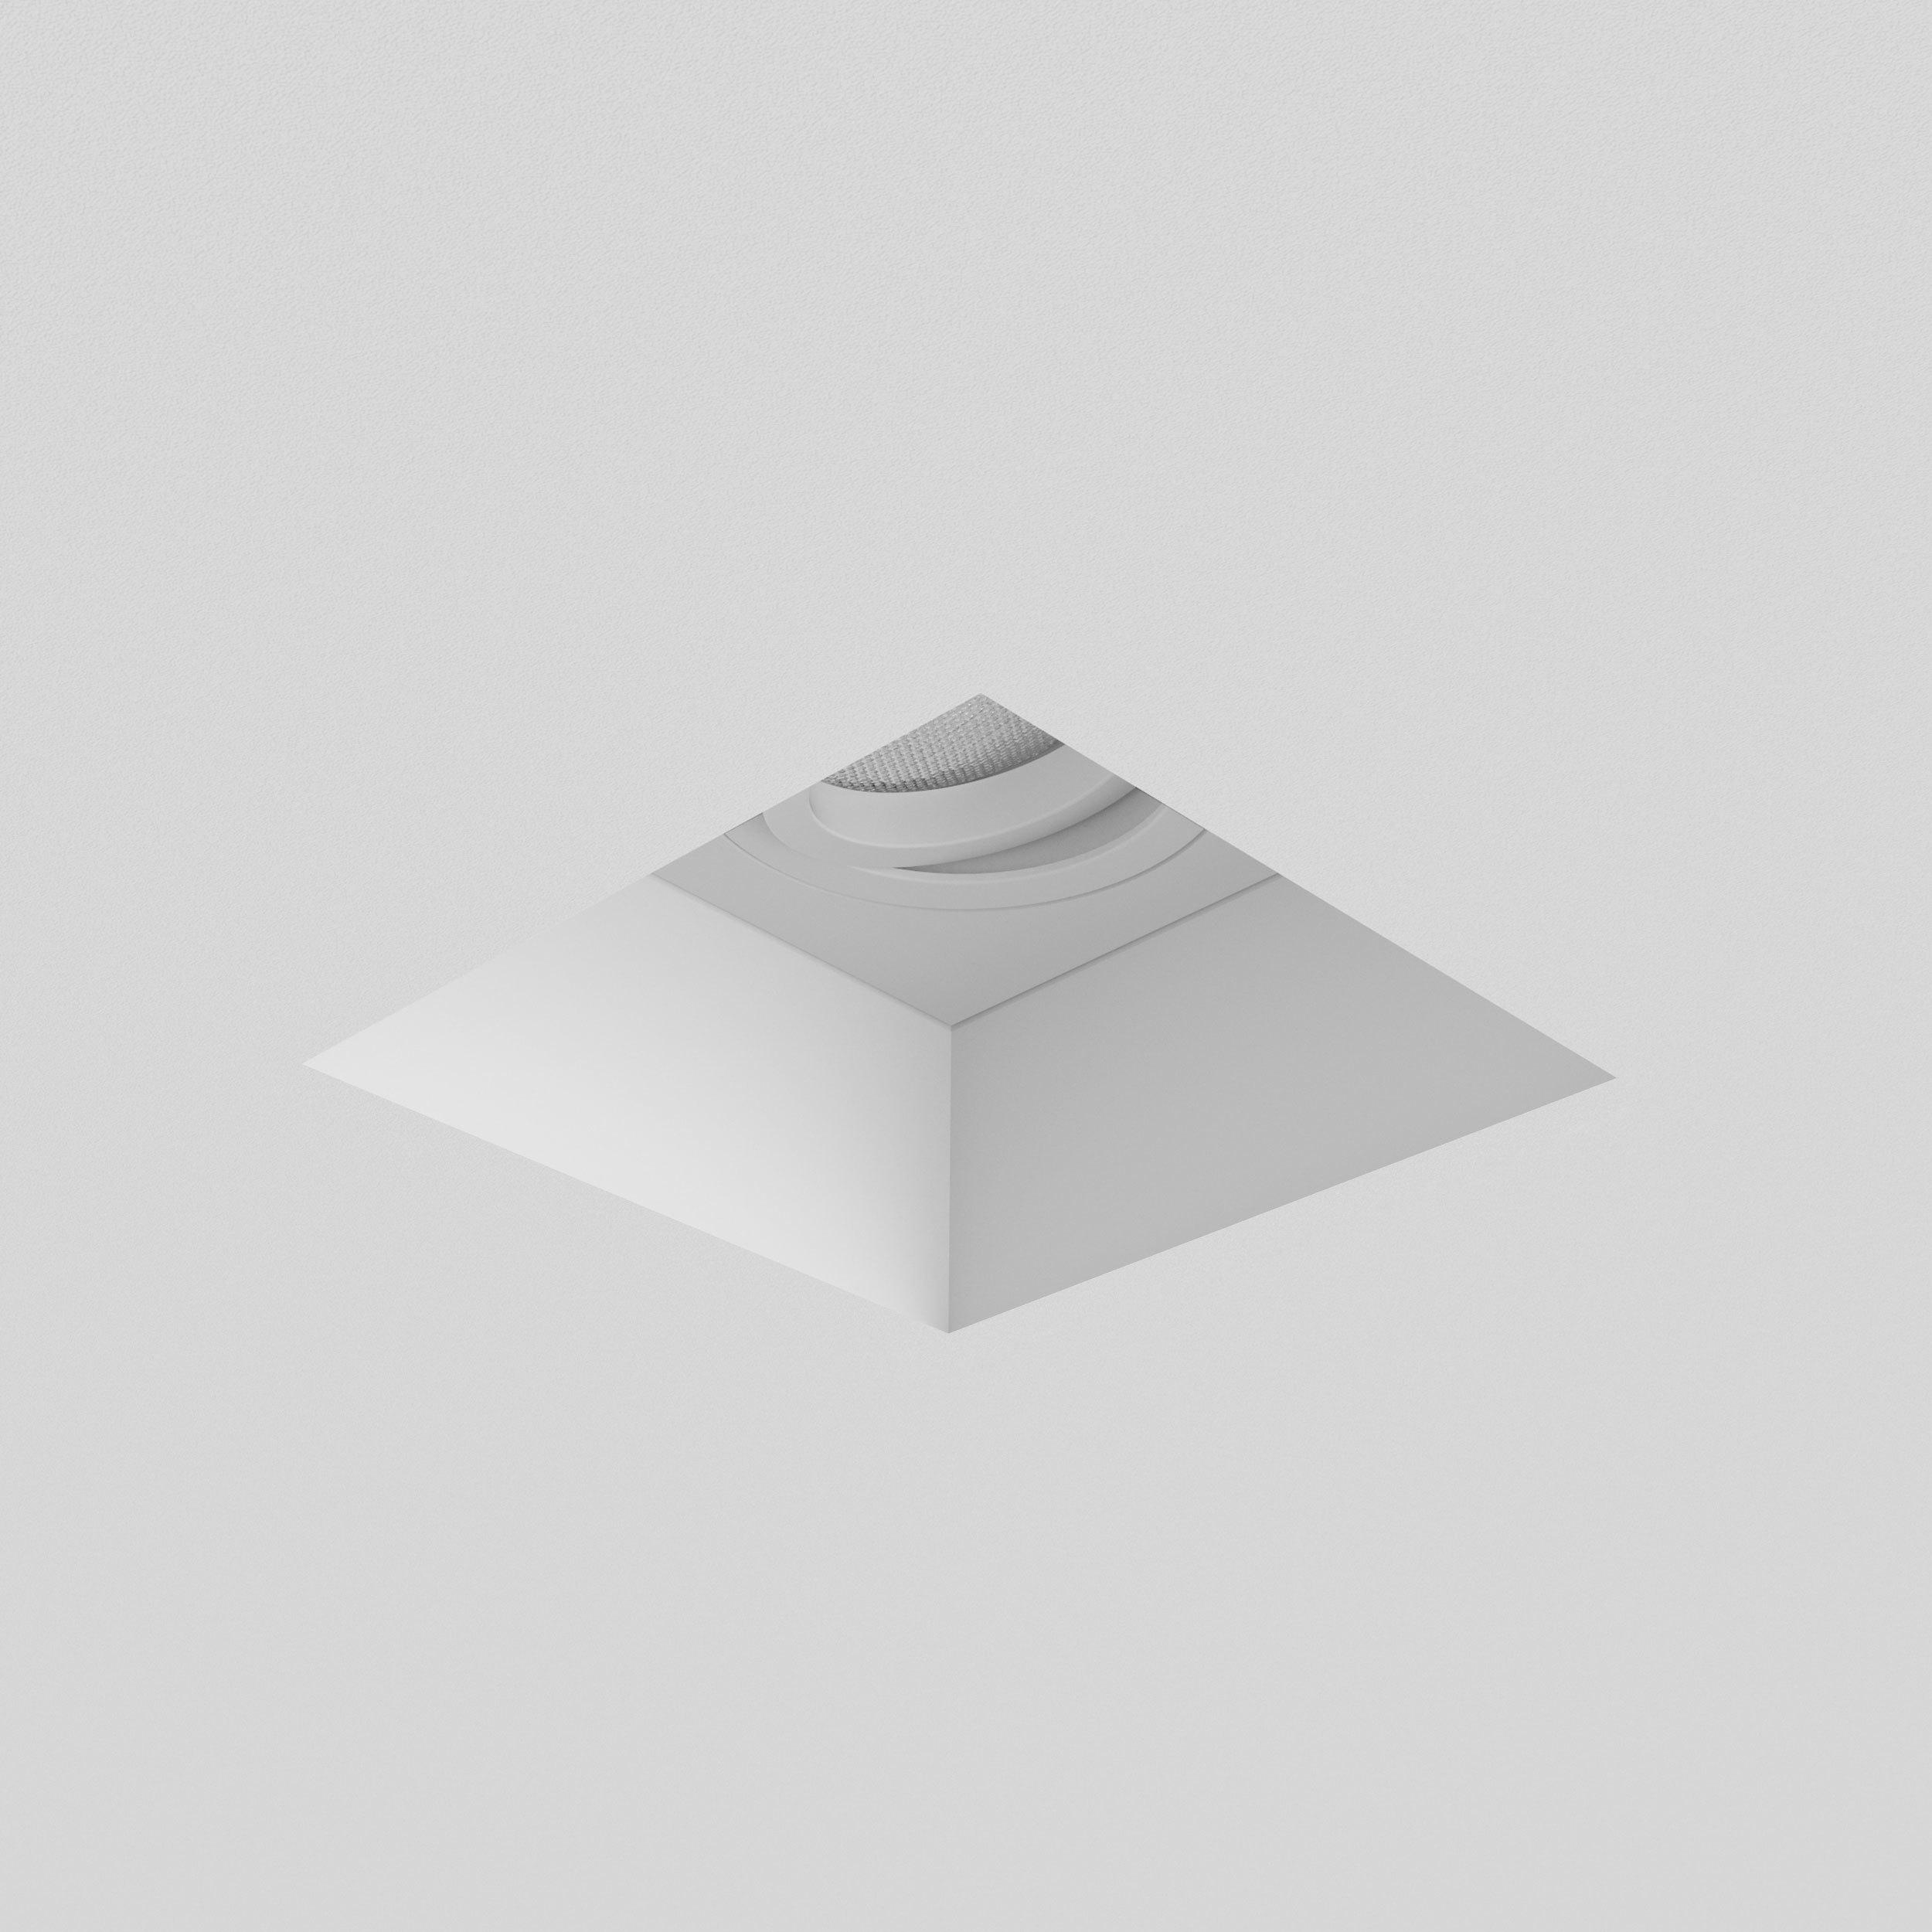 Встраиваемый светильник Astro Blanco 1253007 (7345), 1xGU10x50W, белый, под покраску, гипс, металл - фото 2